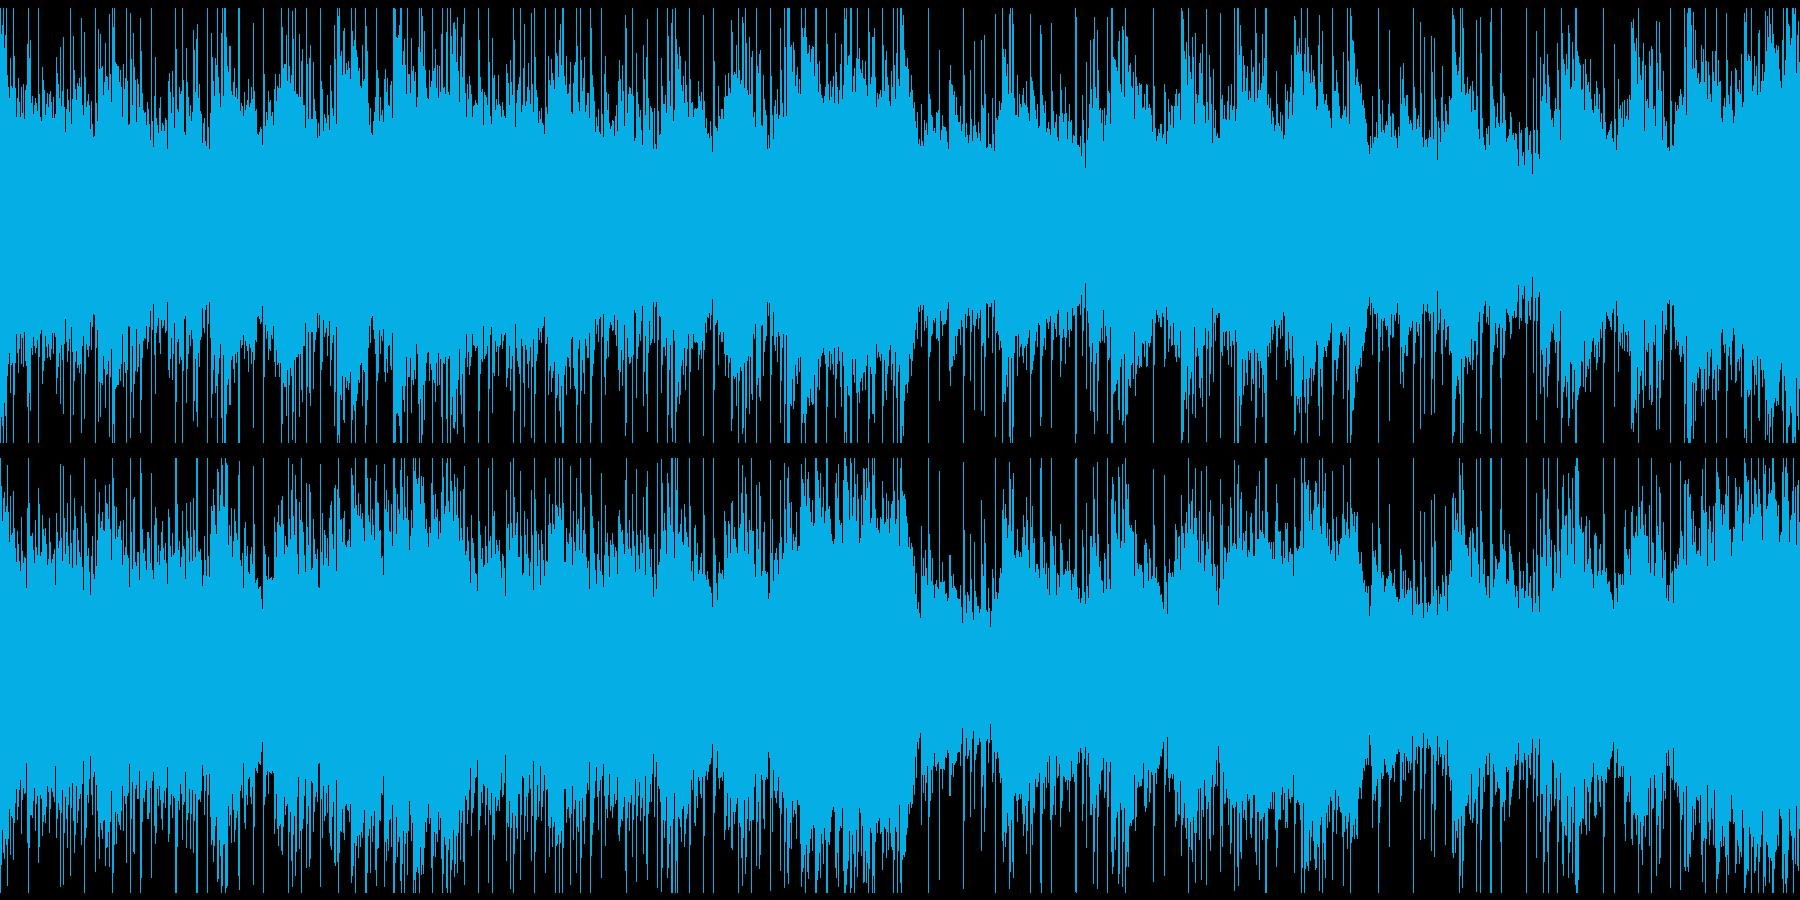 疾走感と緊迫感のあるピアノのフレーズの曲の再生済みの波形